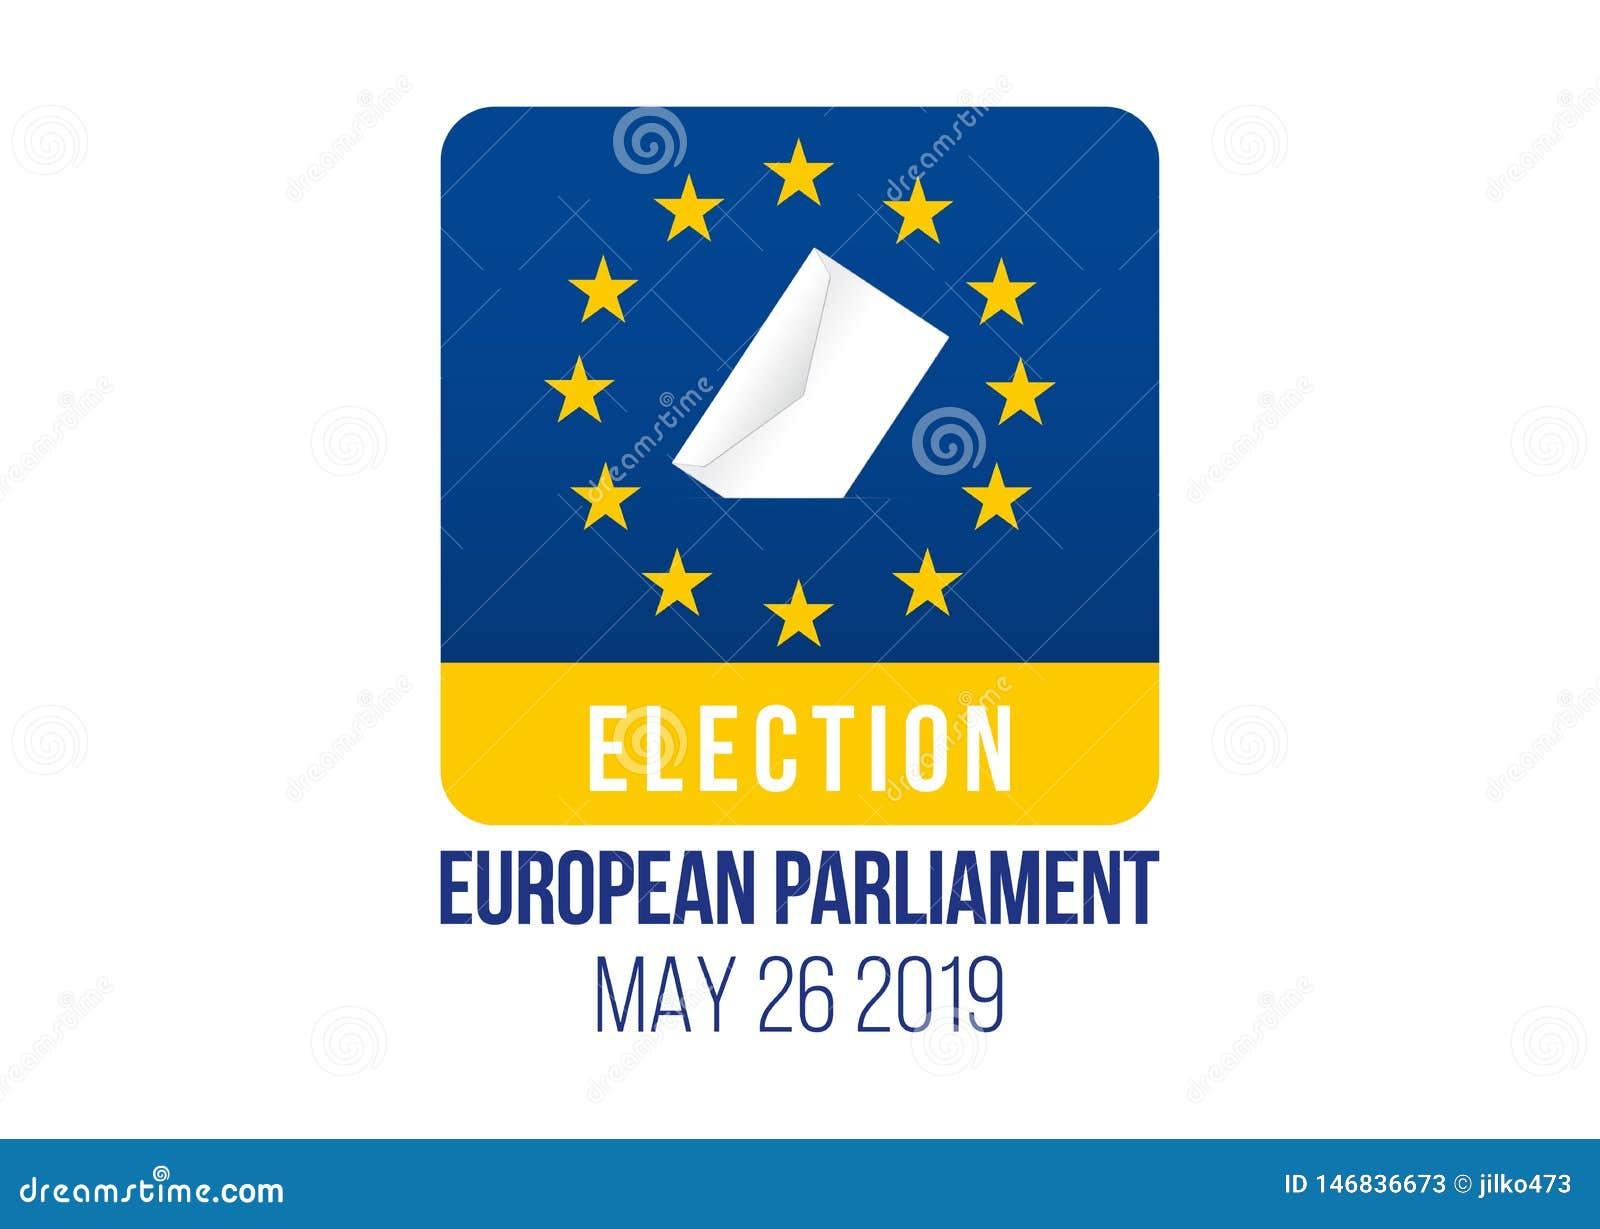 Elecci?n del Parlamento Europeo 2019